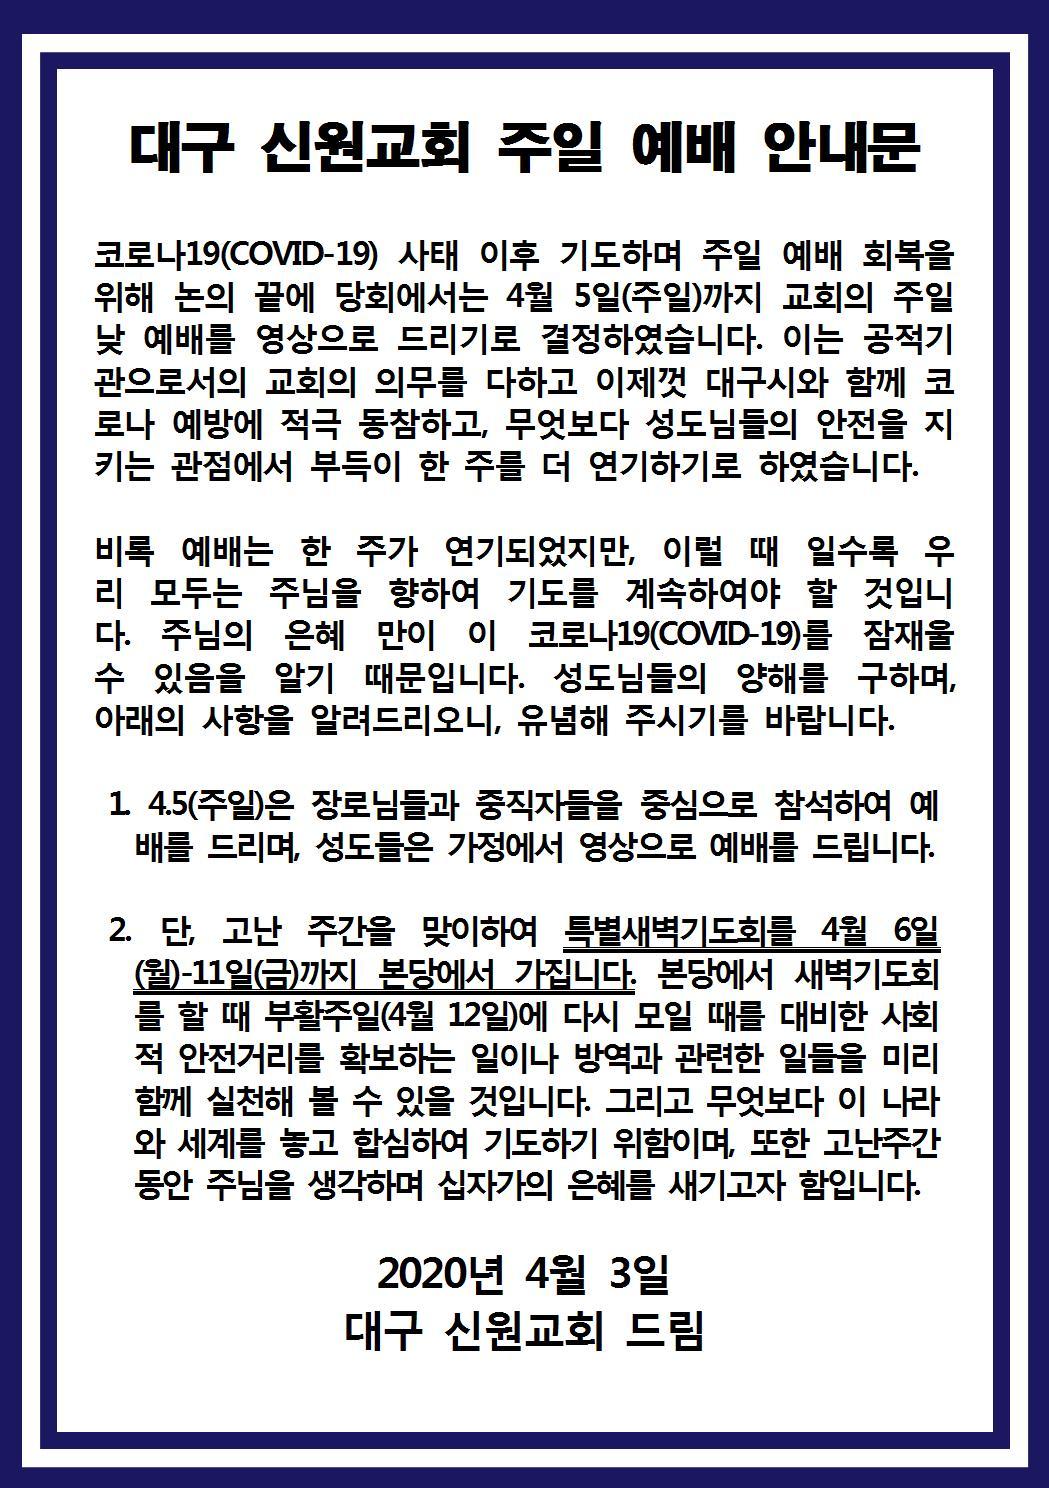 대구신원교회 주일 예배 공지 4.5 예배 공지문001001.jpg